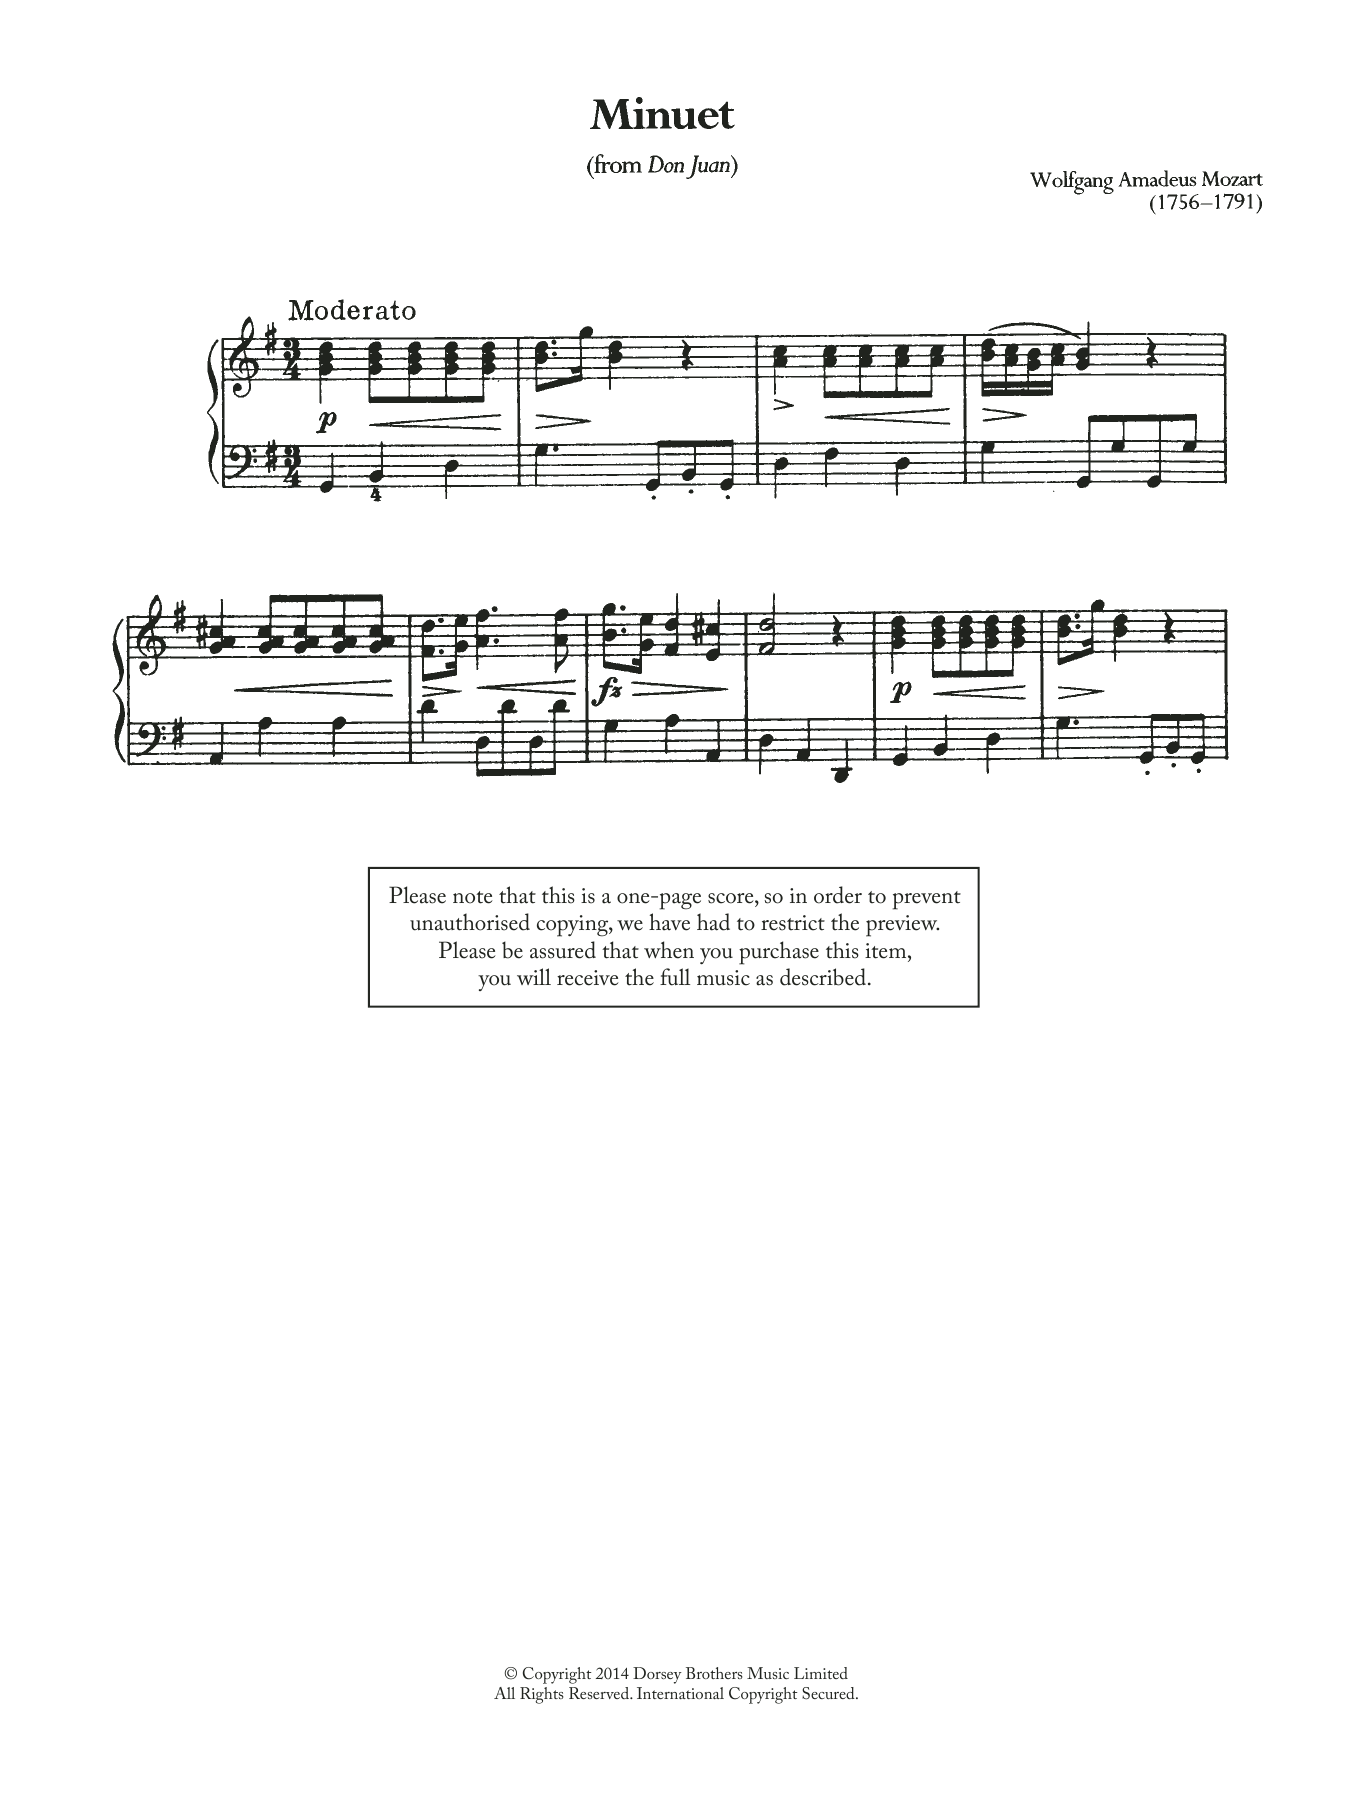 Minuet (From 'Don Juan') Sheet Music